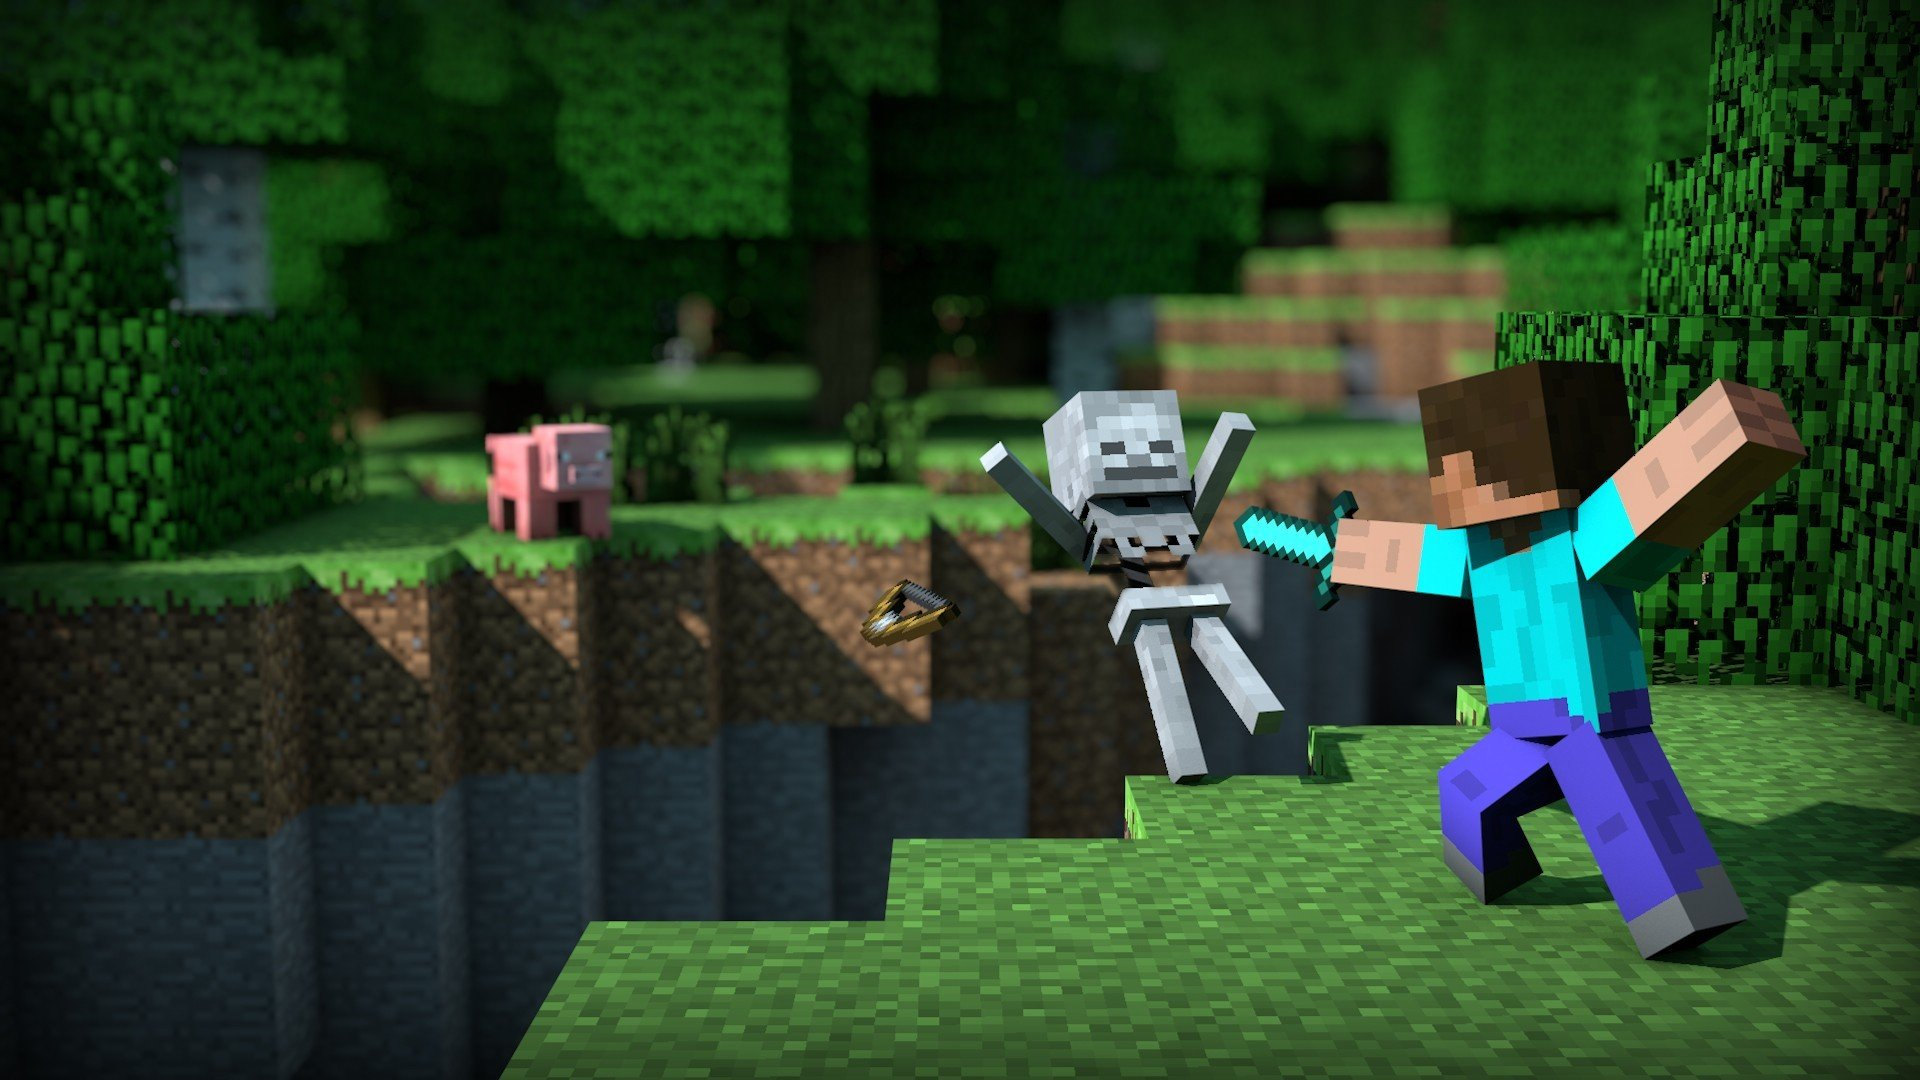 Minecraft Startet Nicht Das Kann Man Bei Problemen Tun GIGA - Minecraft spiele ps4